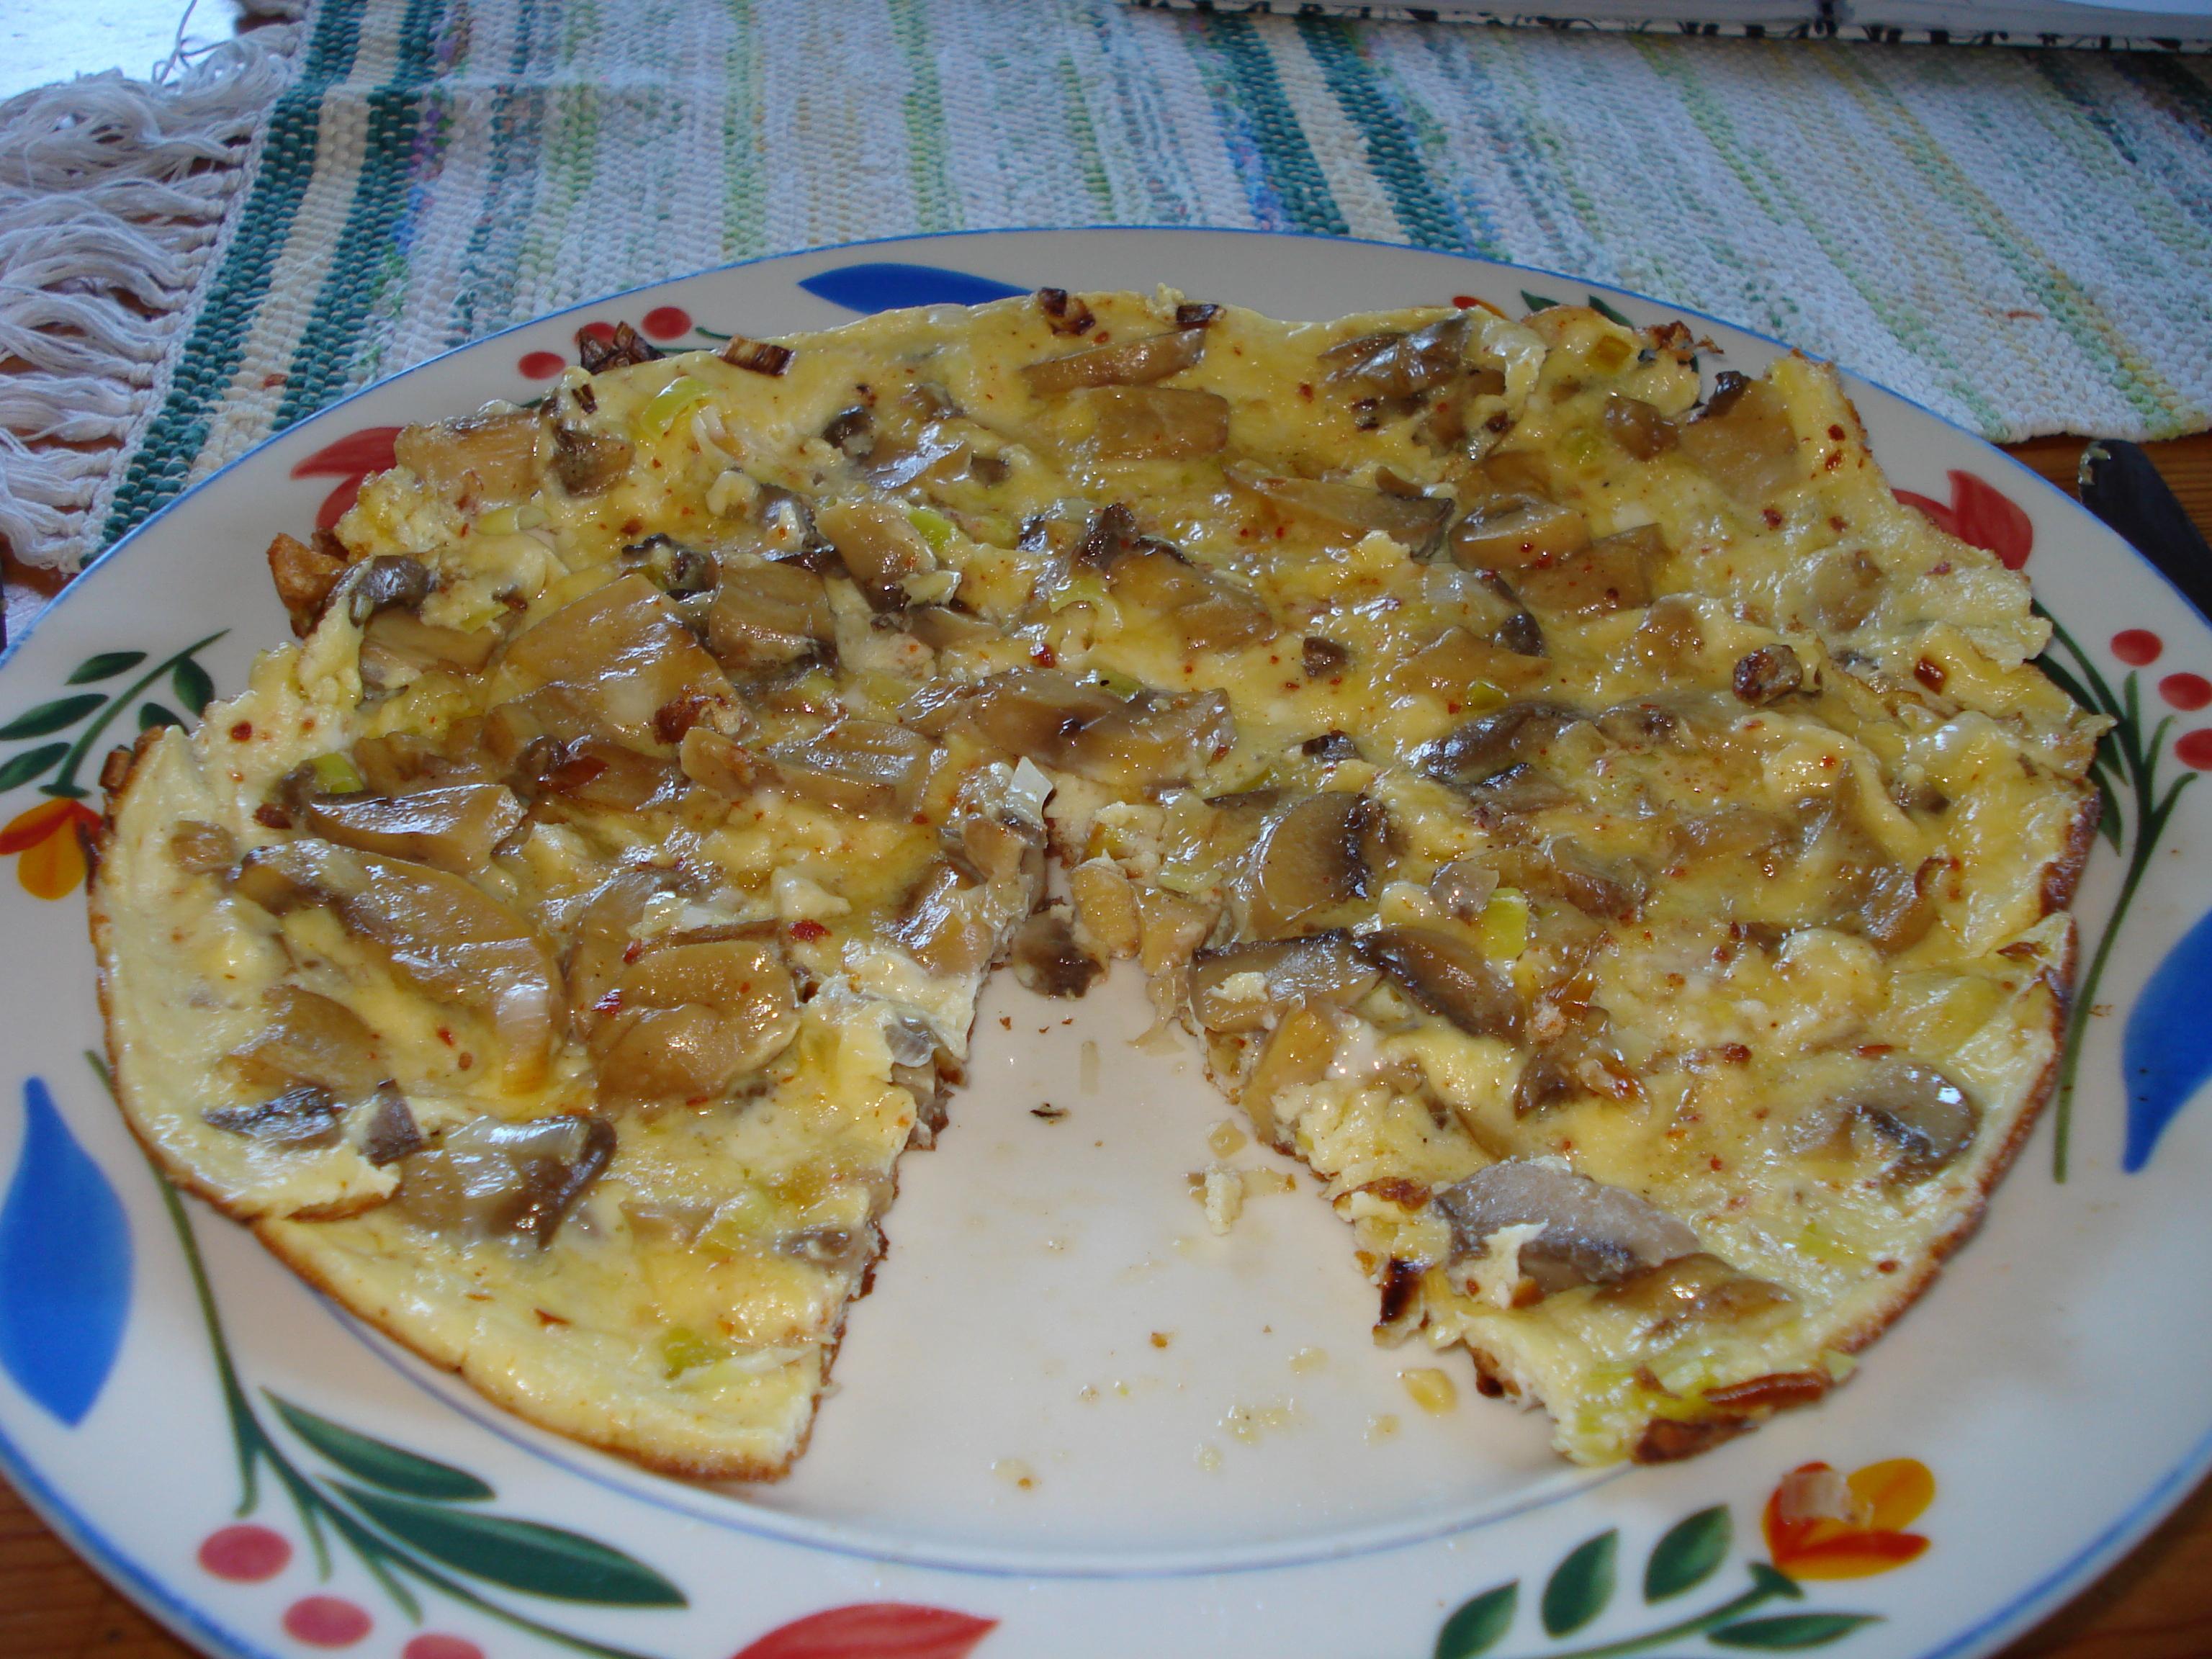 svamp omelett